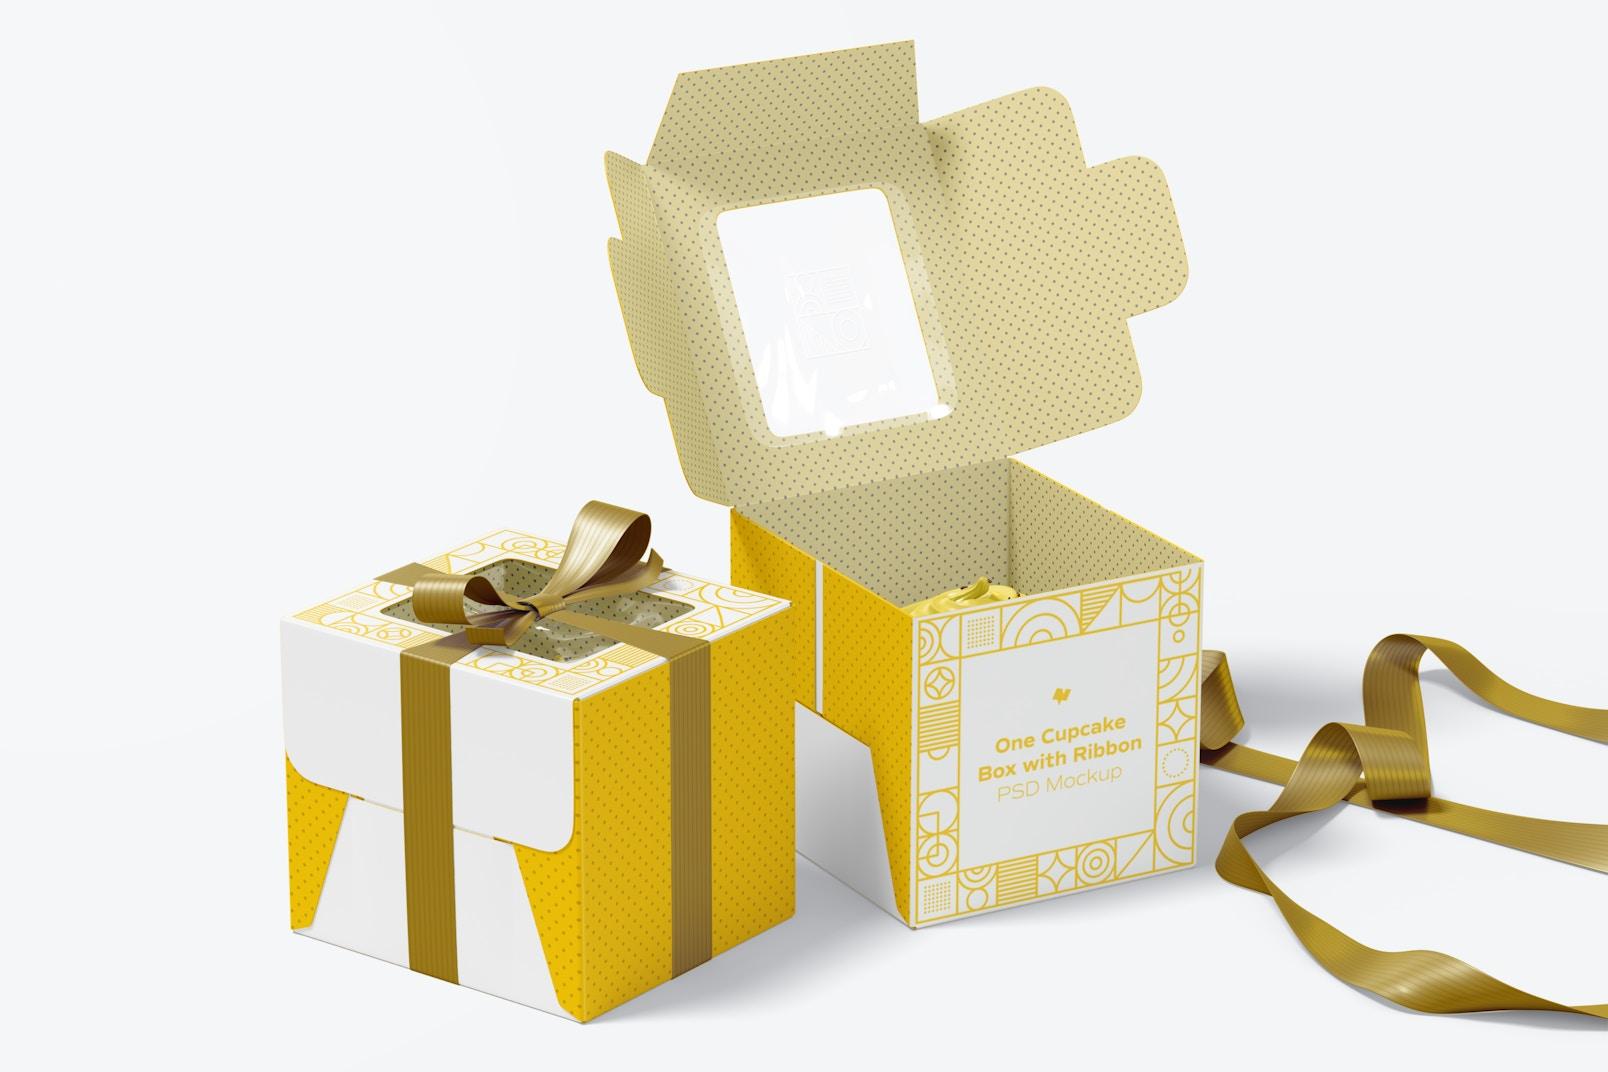 Maqueta de Caja con Lazo de un Cupcake, Abierta y Cerrada